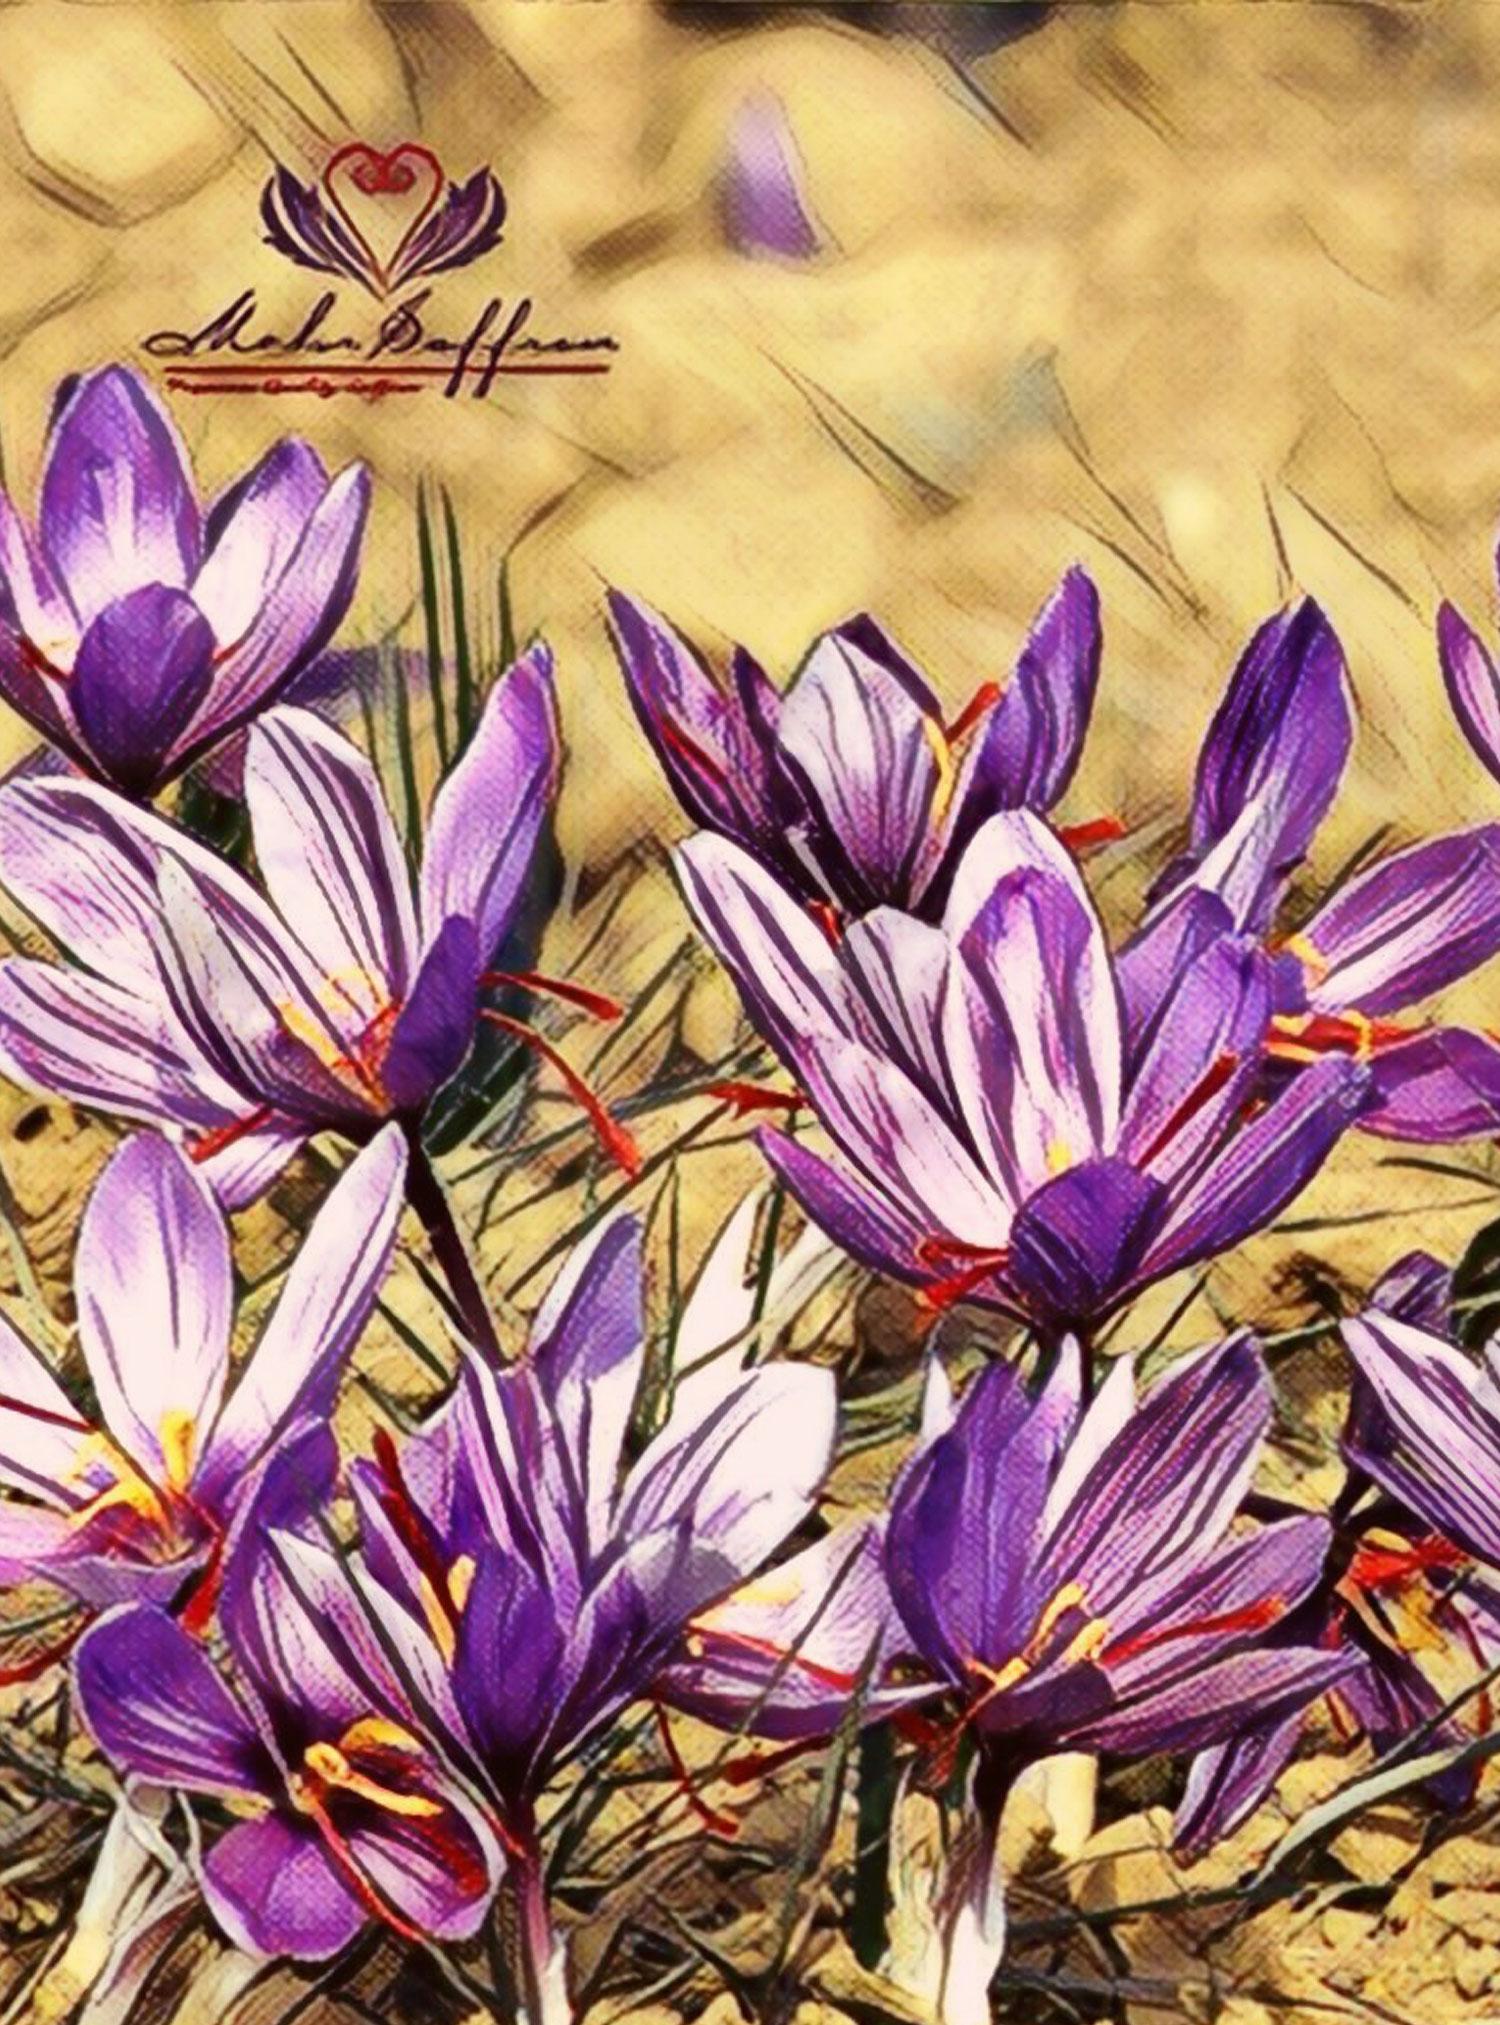 Mehr Saffron, Highest Quality Saffron Brand in the World